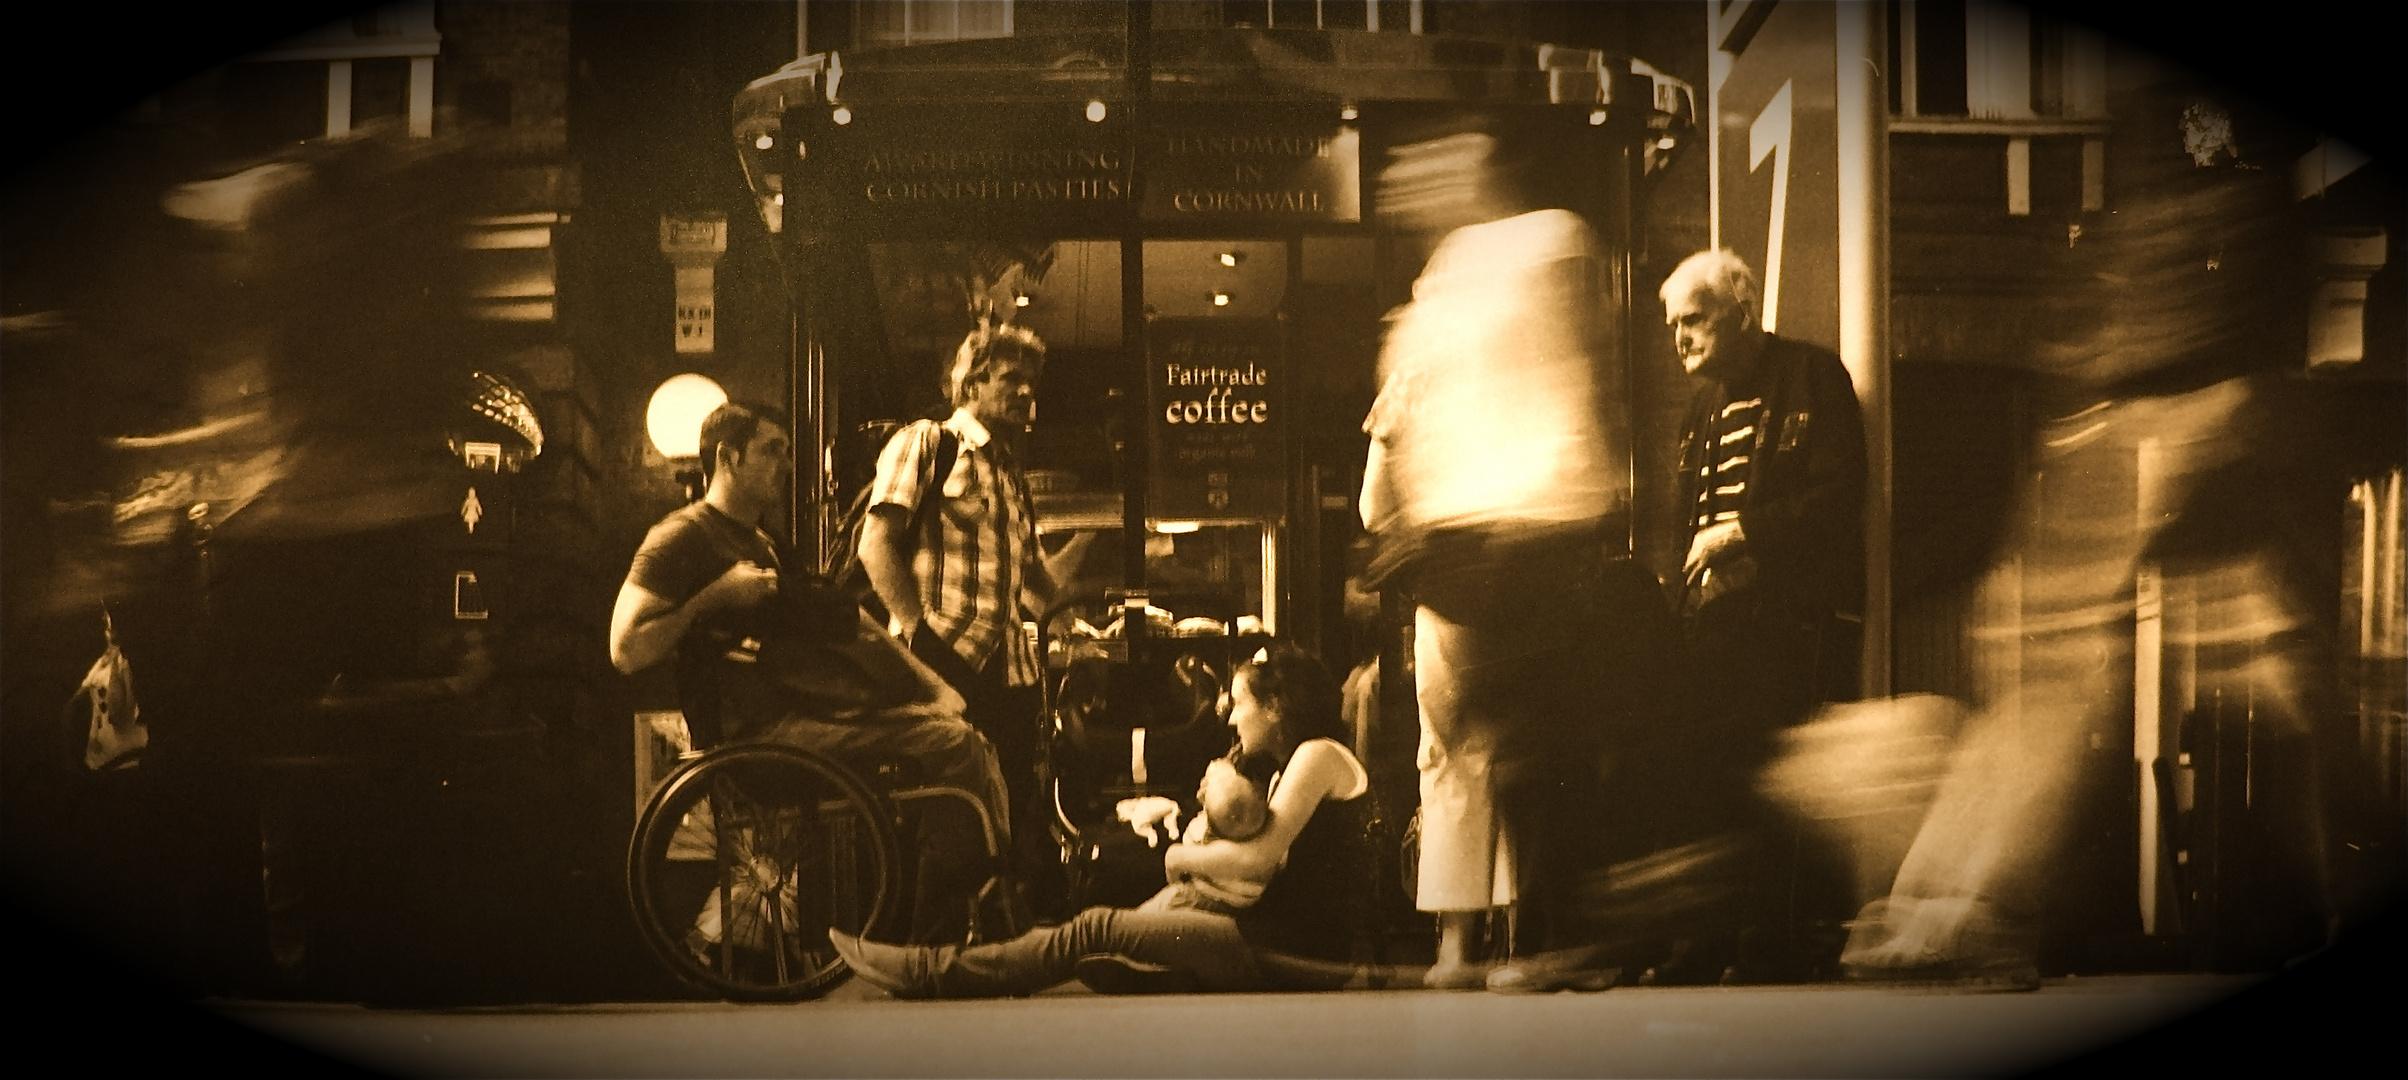 La Famille...gare de St Pancras...